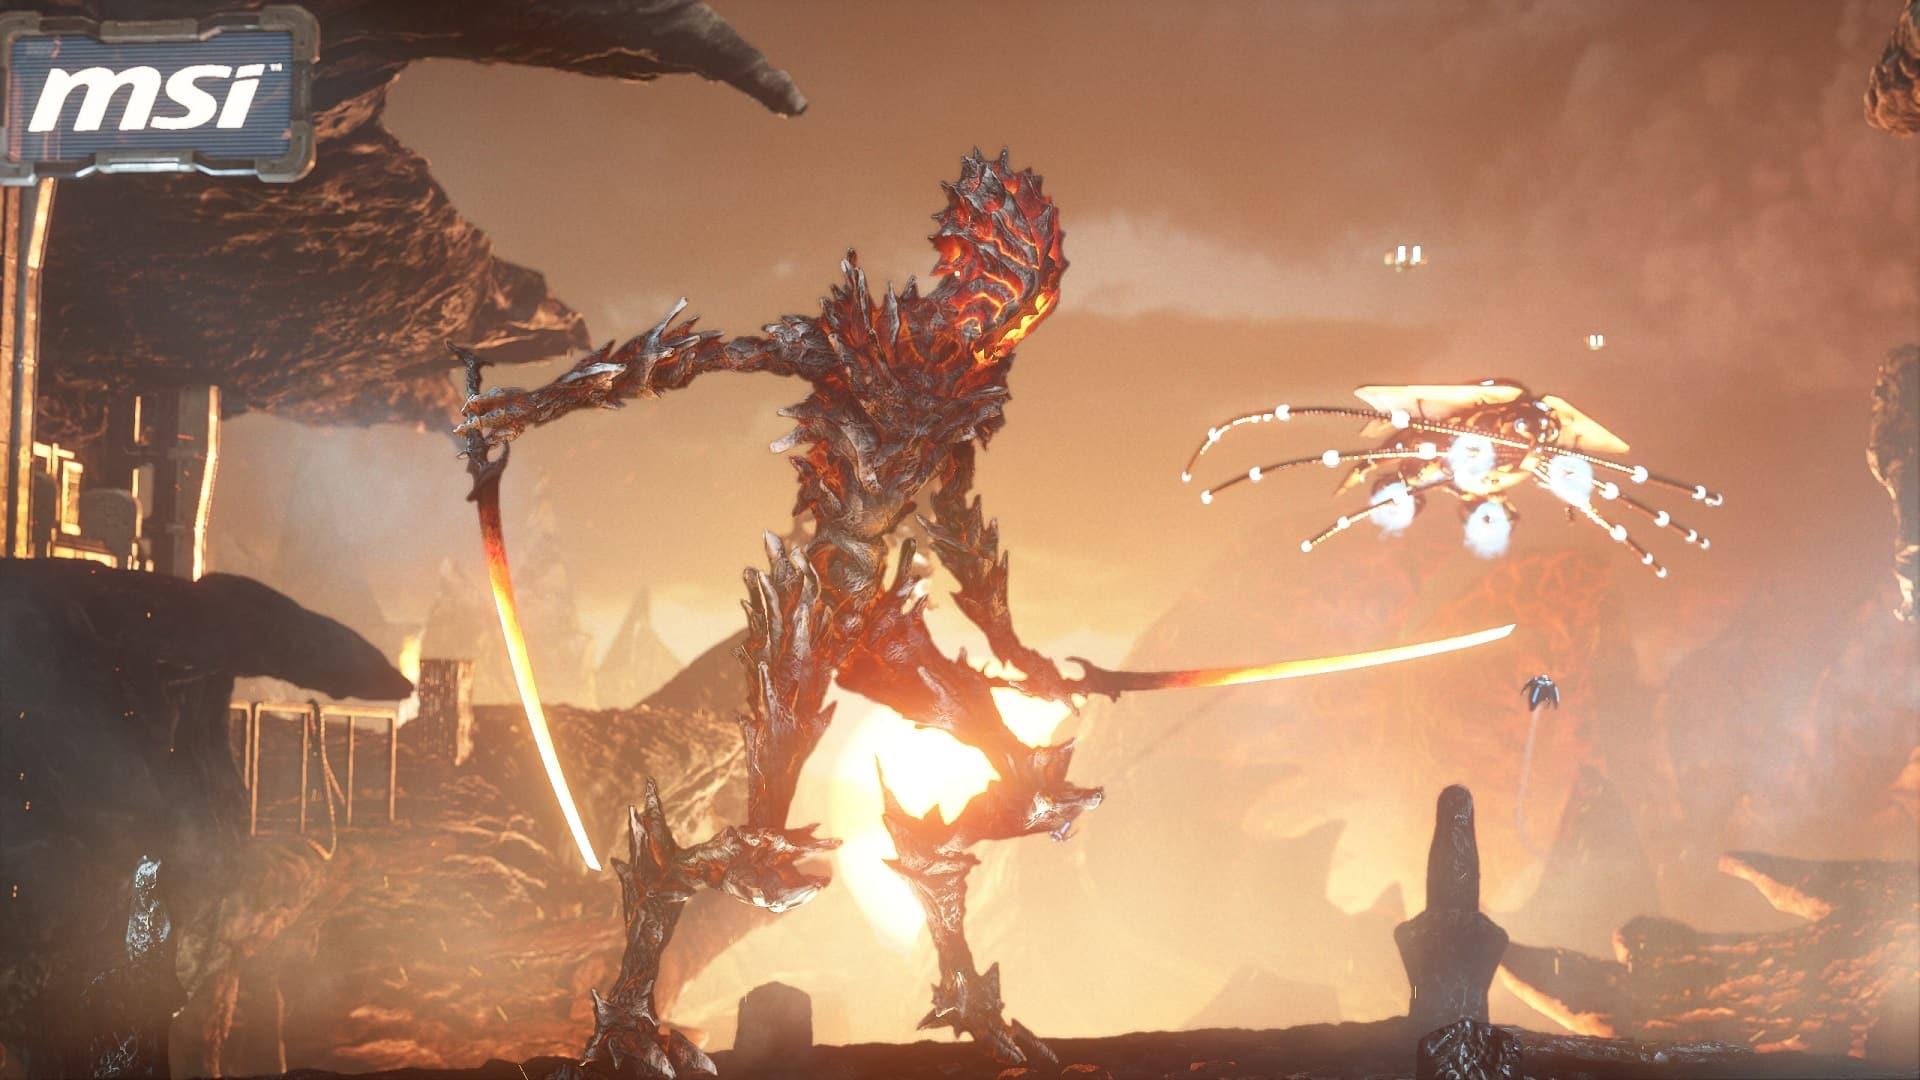 3dmark-fire-strike-screenshot-7